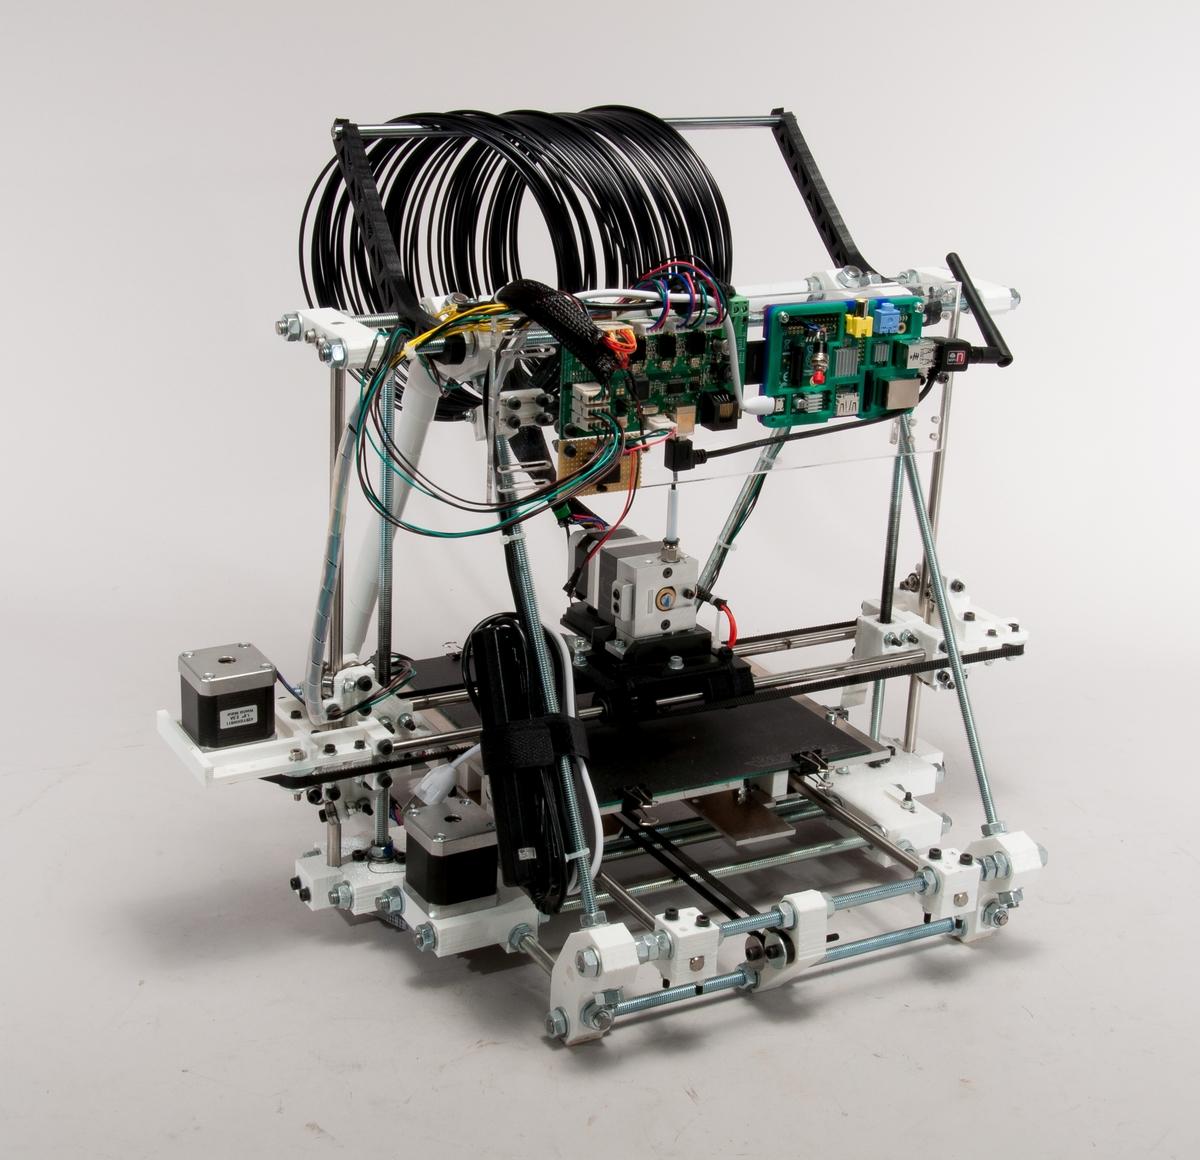 3D-skrivare av typen Reprap, för tredimensionella utskrifter i plastmaterial. Uppbyggd av gängade stänger och 3D-utskrivna kopplingdelar. Stegmotorer och skrivmunstycke styrs av en microkontroller. Härva med färgad plasttråd medföljer.  Med skrivaren följer ett antal utskriftsexempel och utskrivna delar till ytterligare en 3D-skrivare.